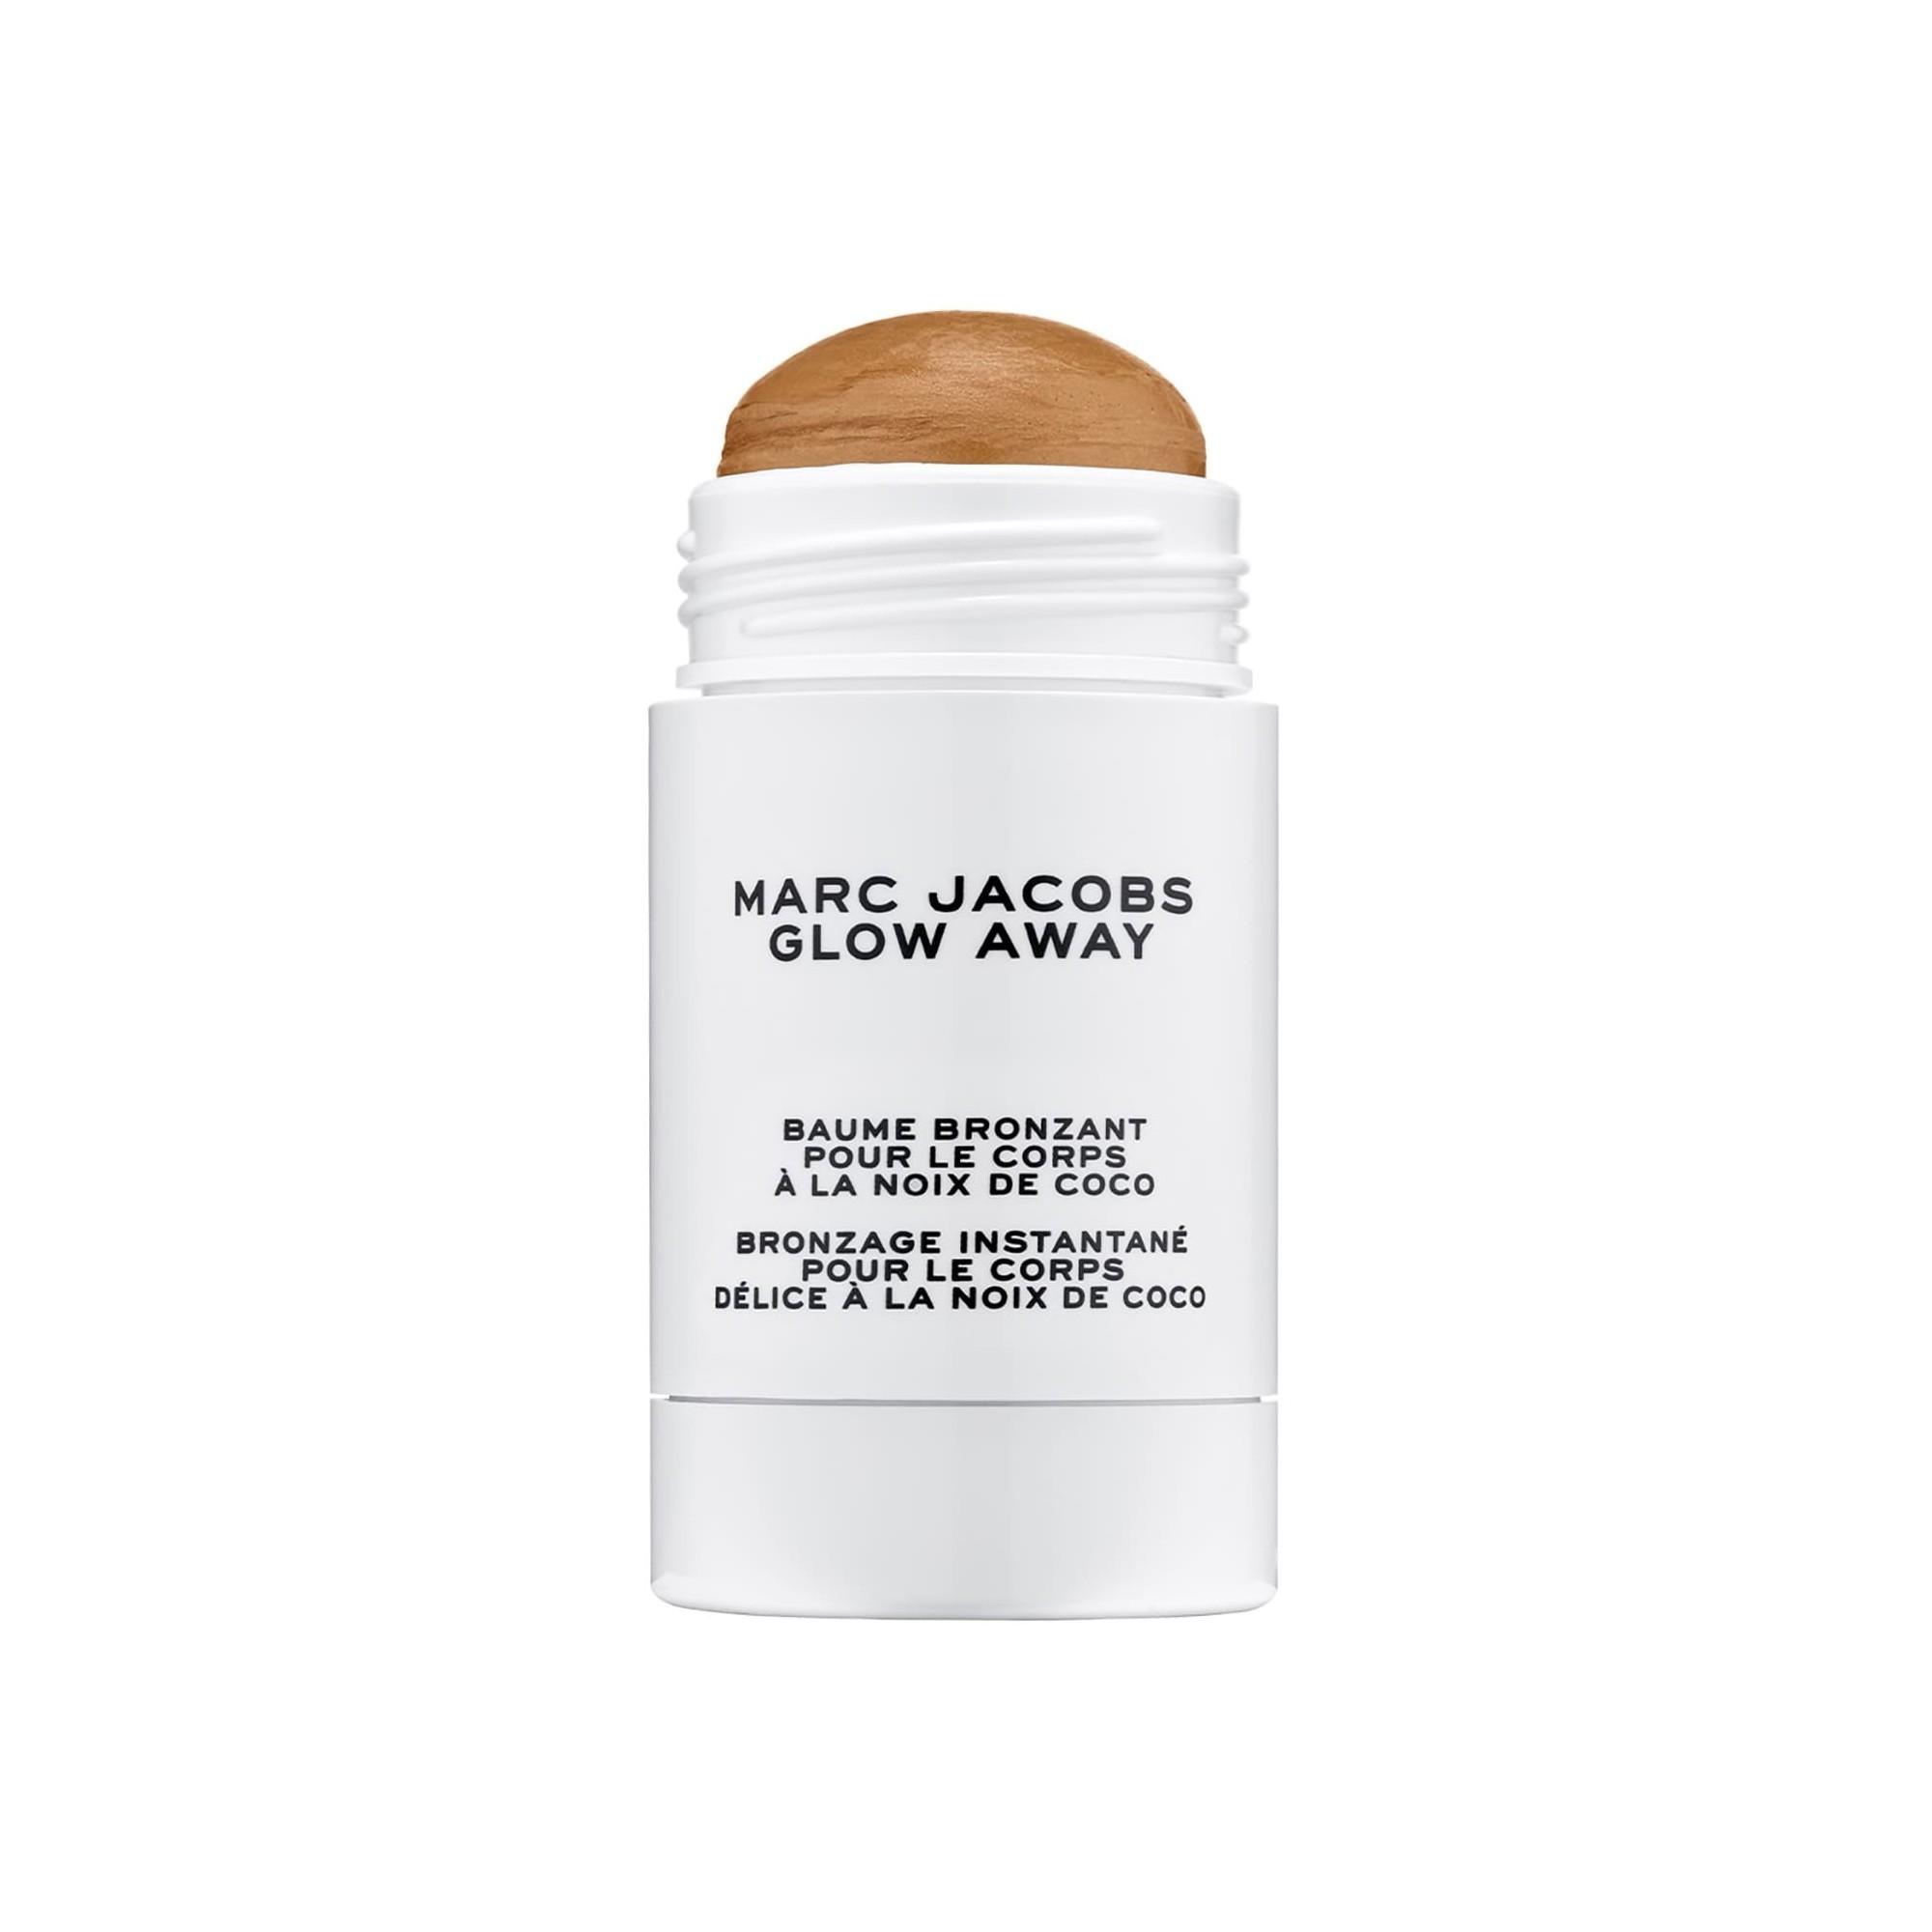 Marc Jacobs Beauty Glow Away Bronzing Coconut Body Sick Tantric